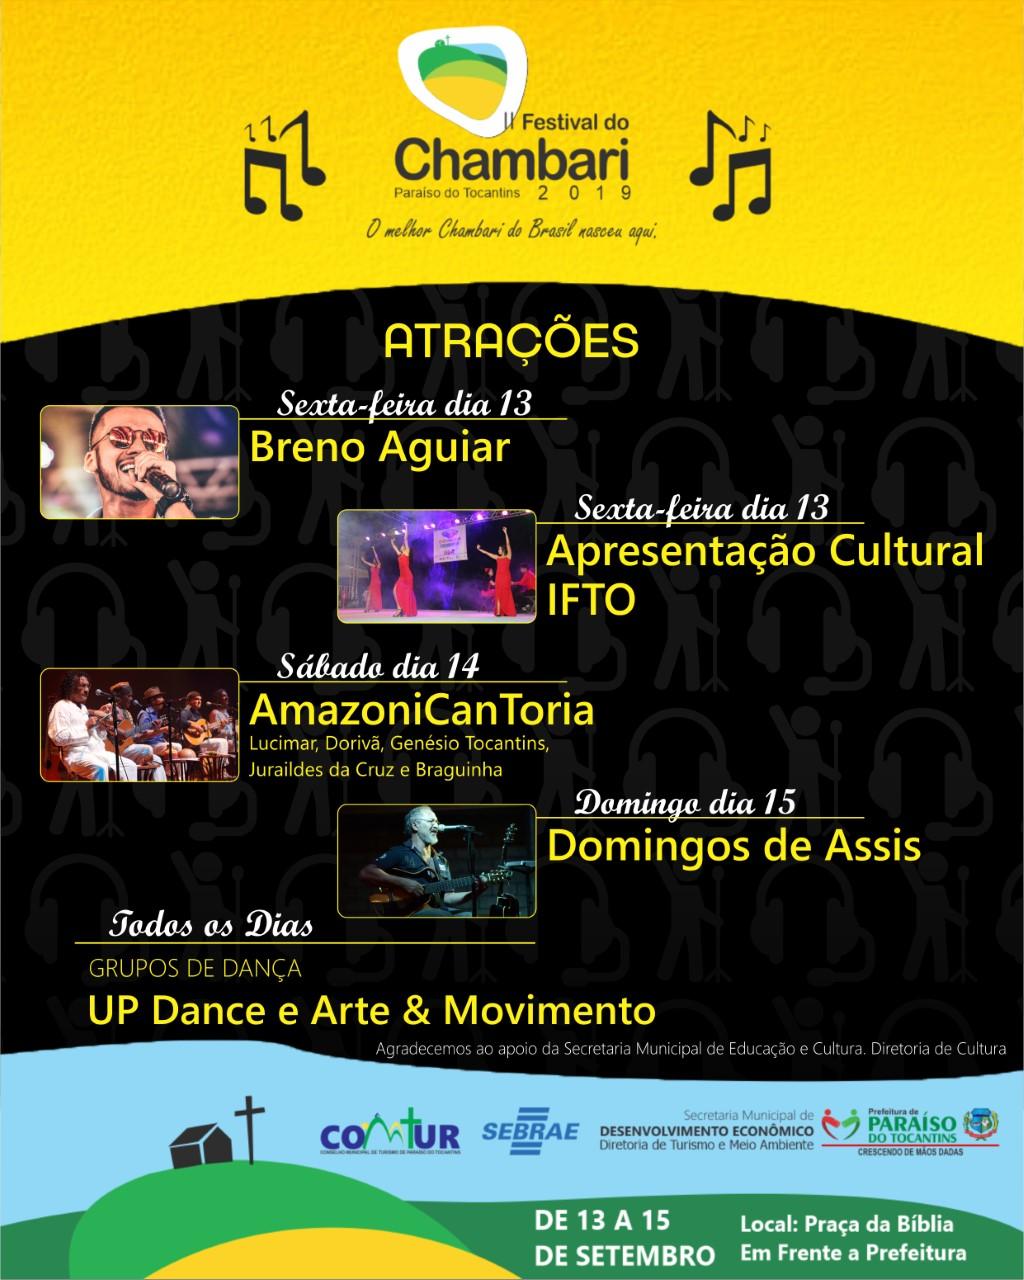 AmazoniCanToria, Domingos de Assis e Breno Aguiar se apresentaram no Festival do Chambari